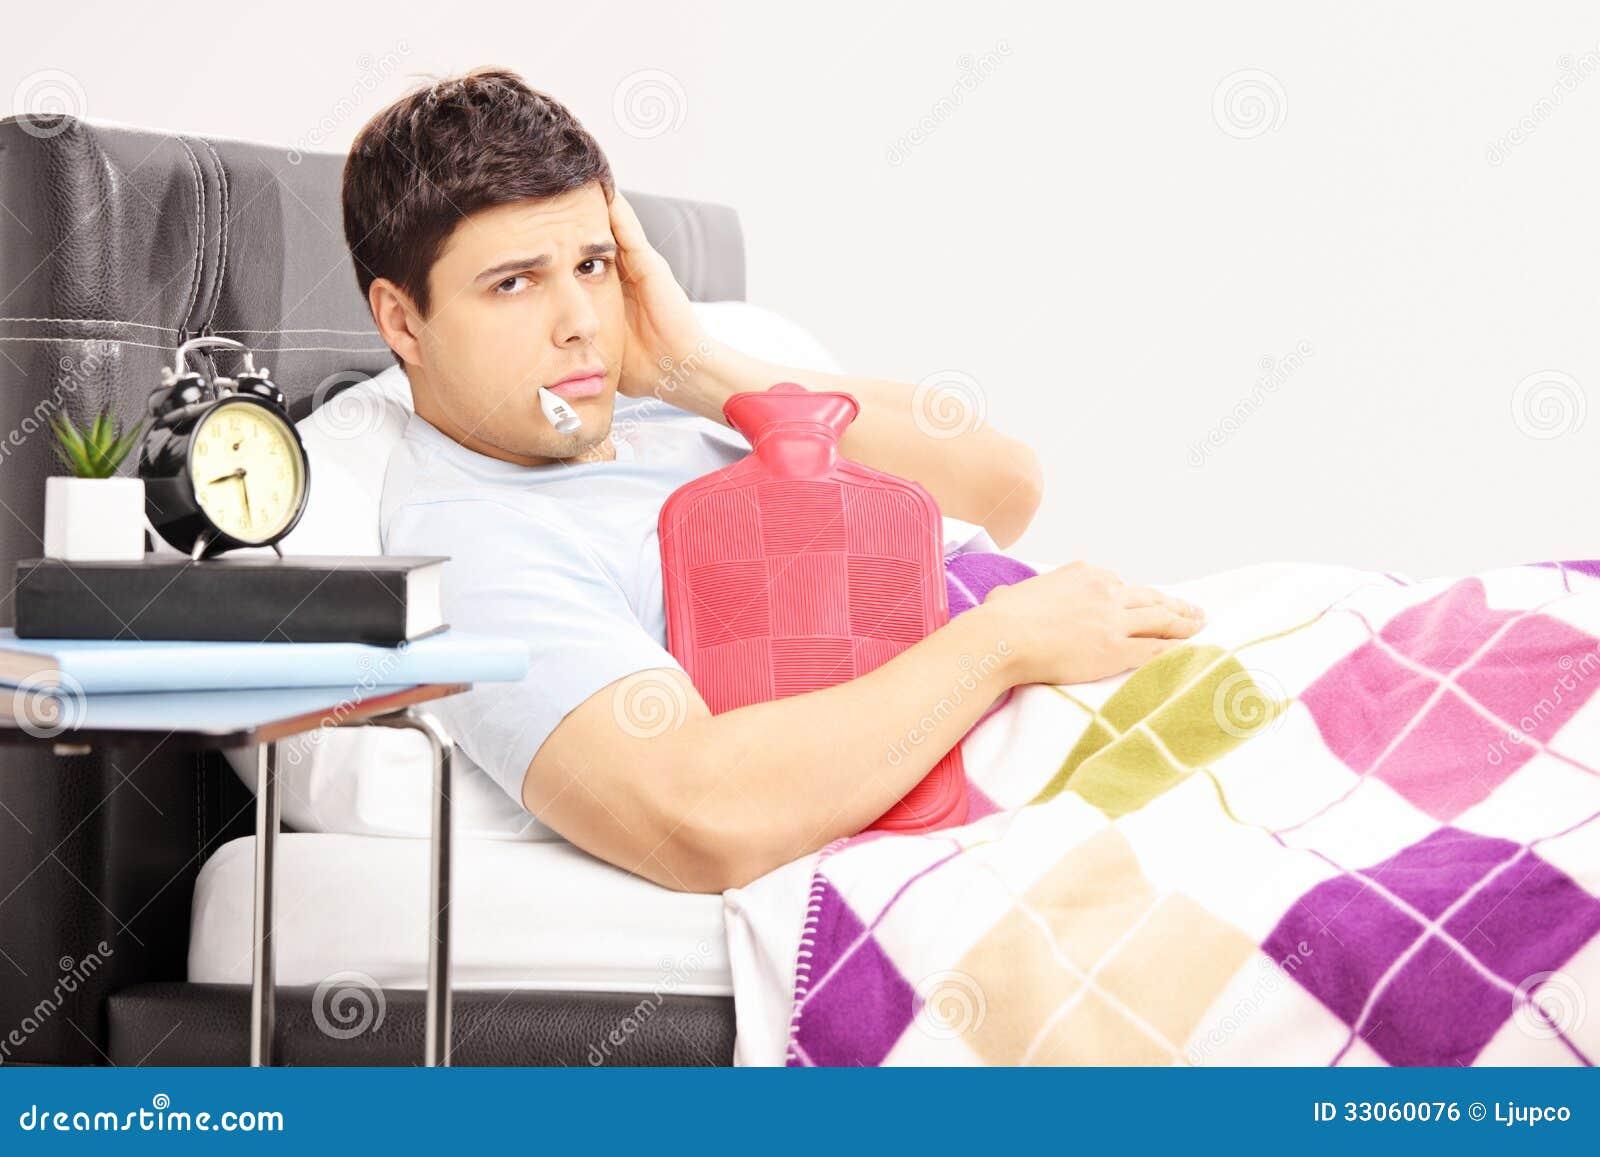 Uomo malato a letto che ha un 39 emicrania con il termometro - Come dominare un uomo a letto ...